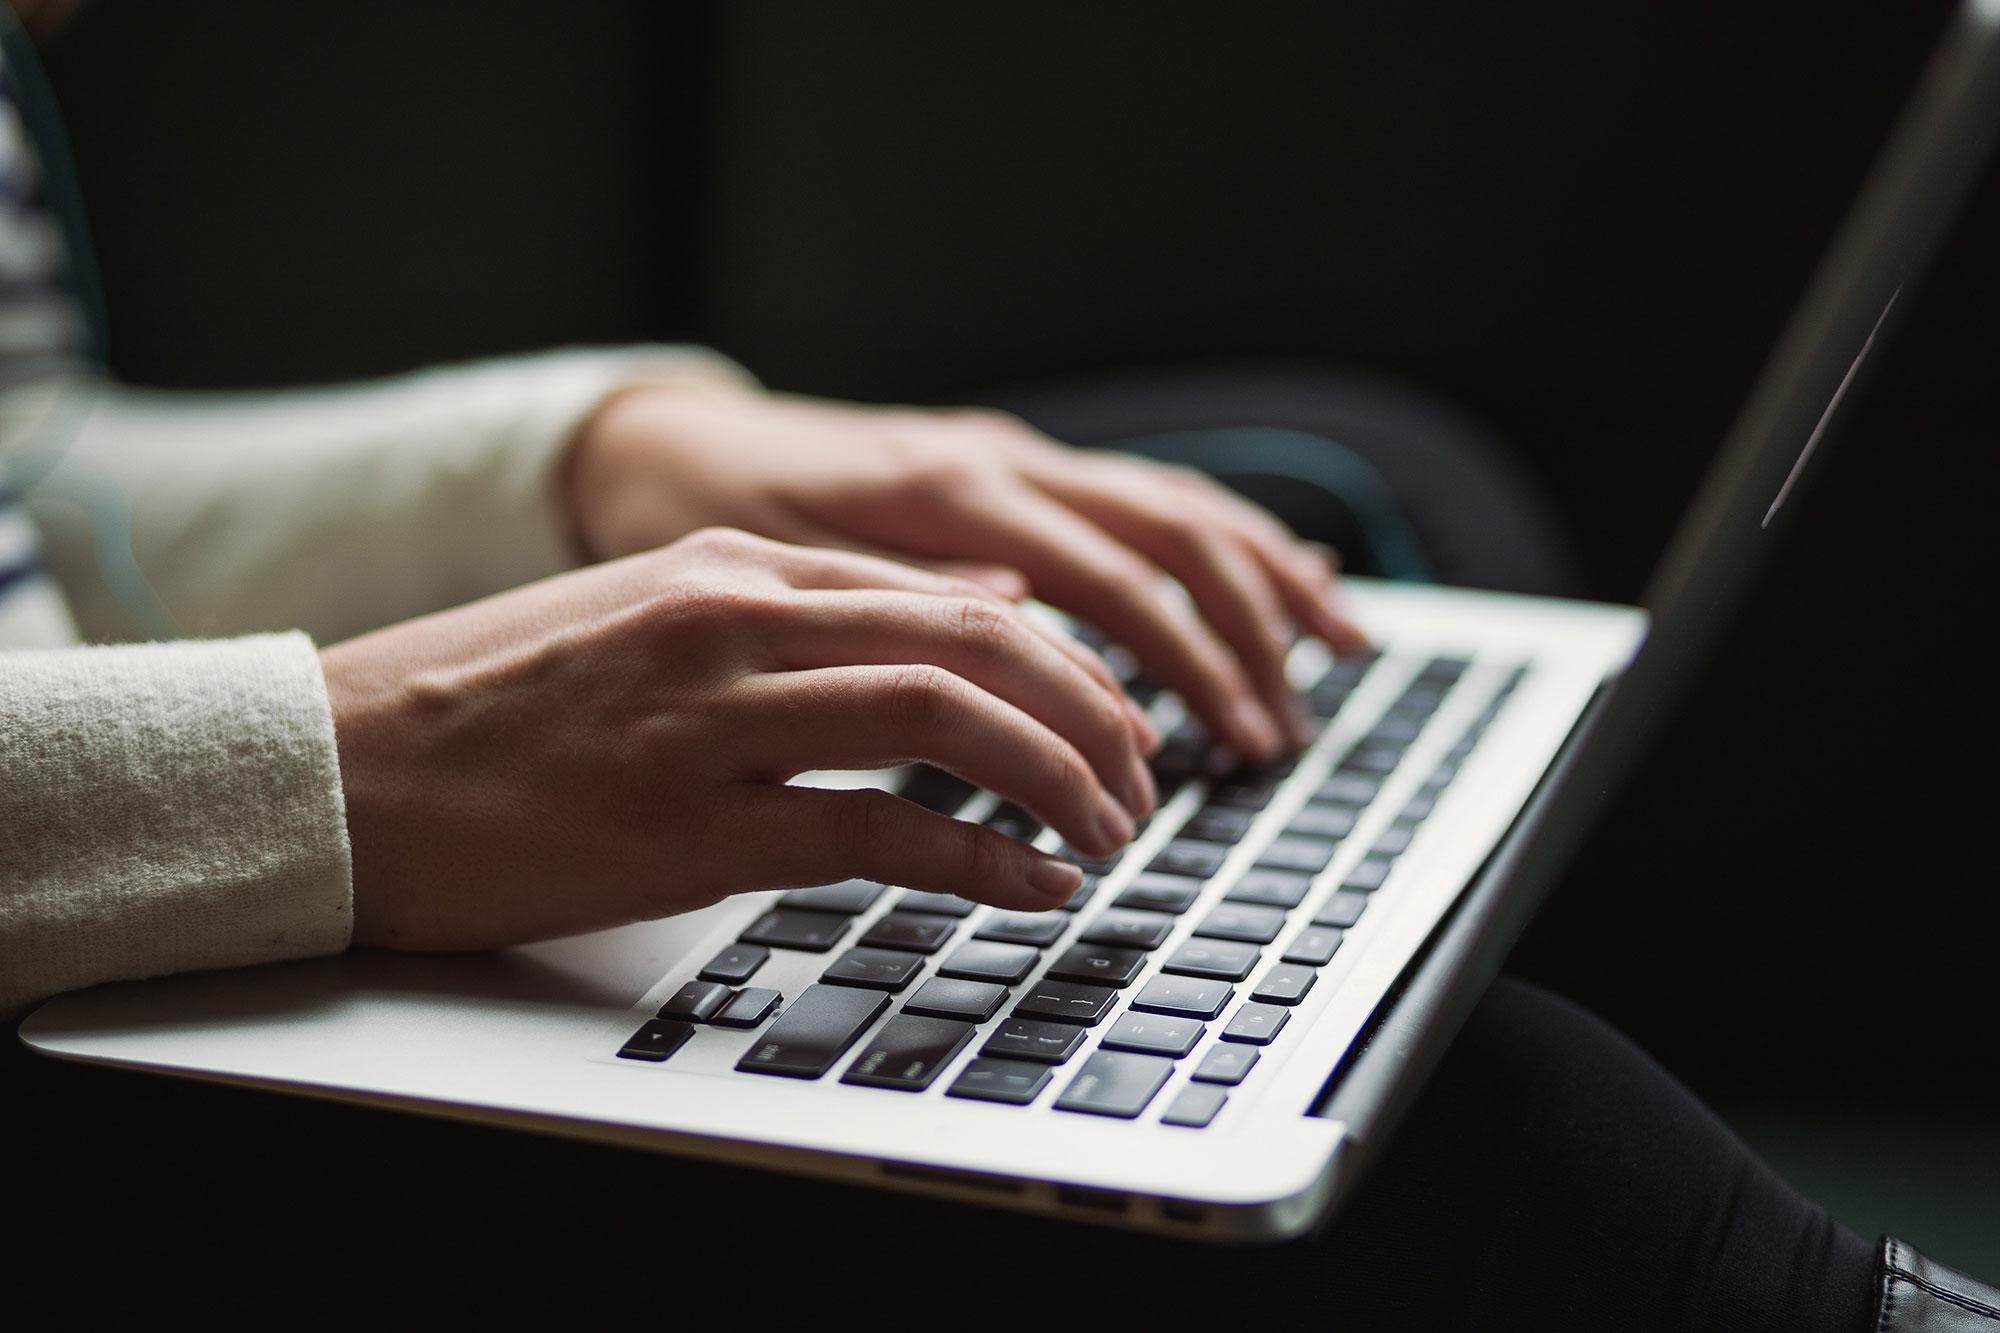 Switching Careers - Landing Job - Write a blog